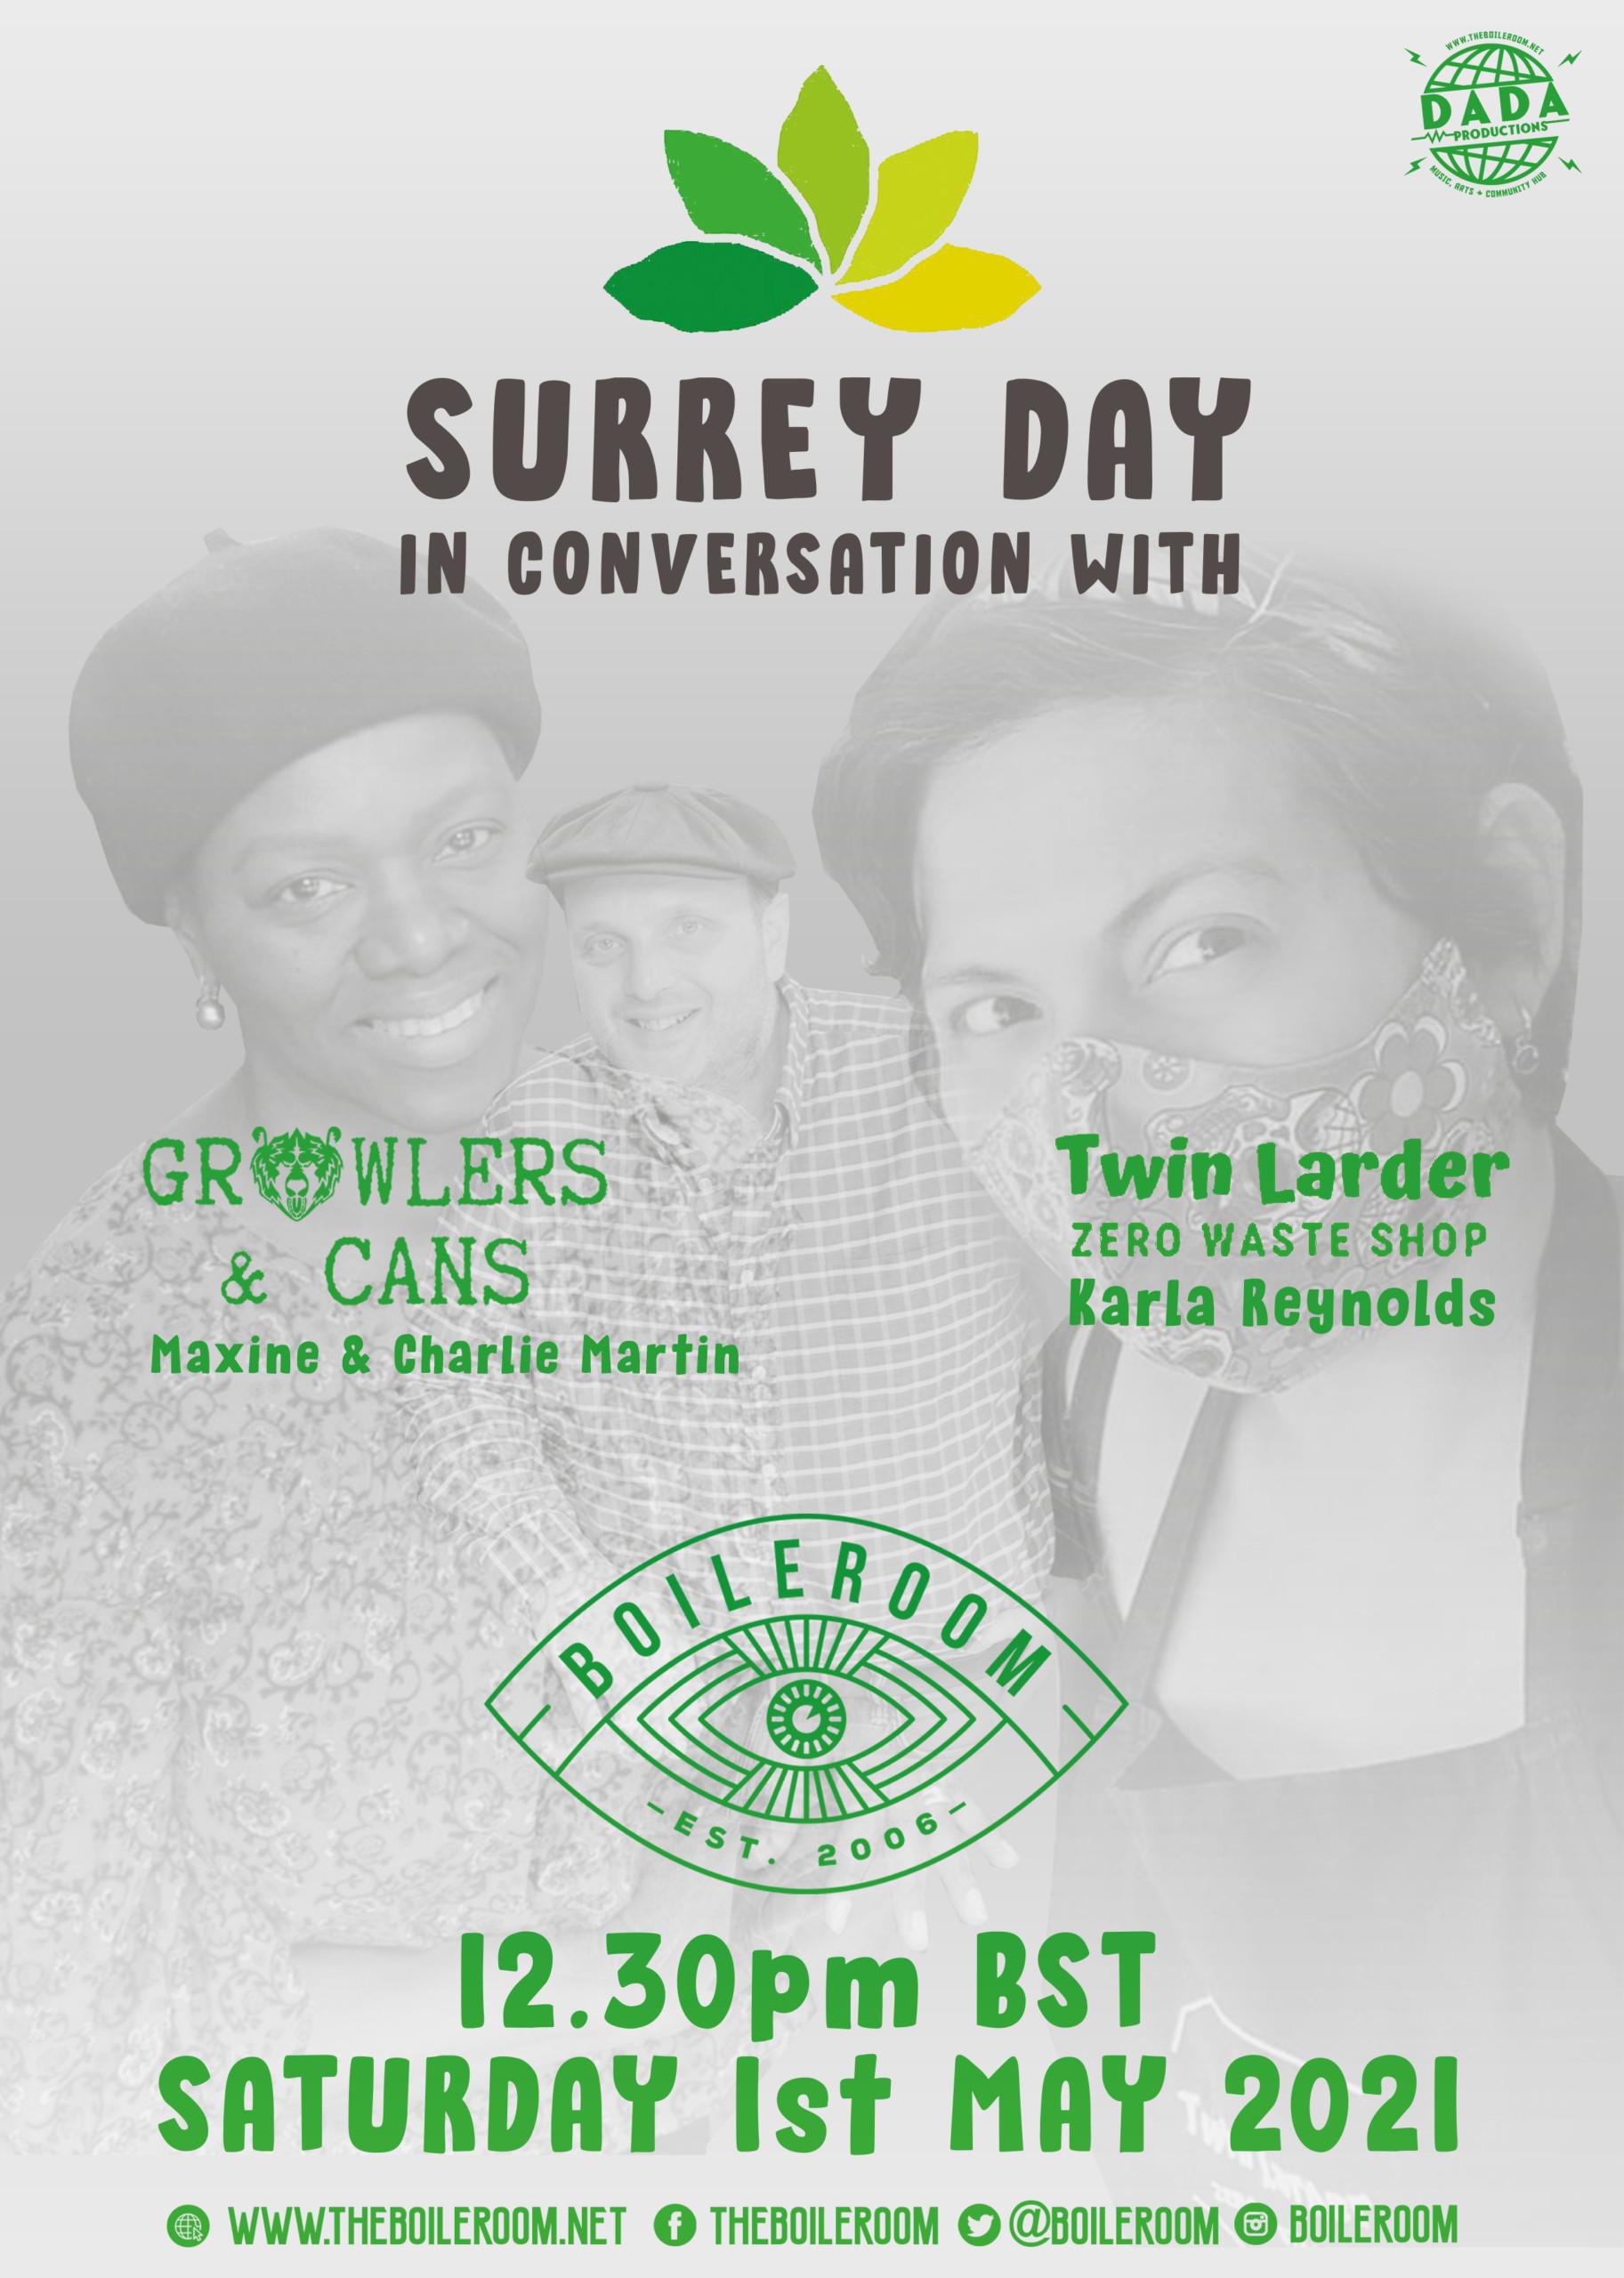 Boileroom Surrey Day